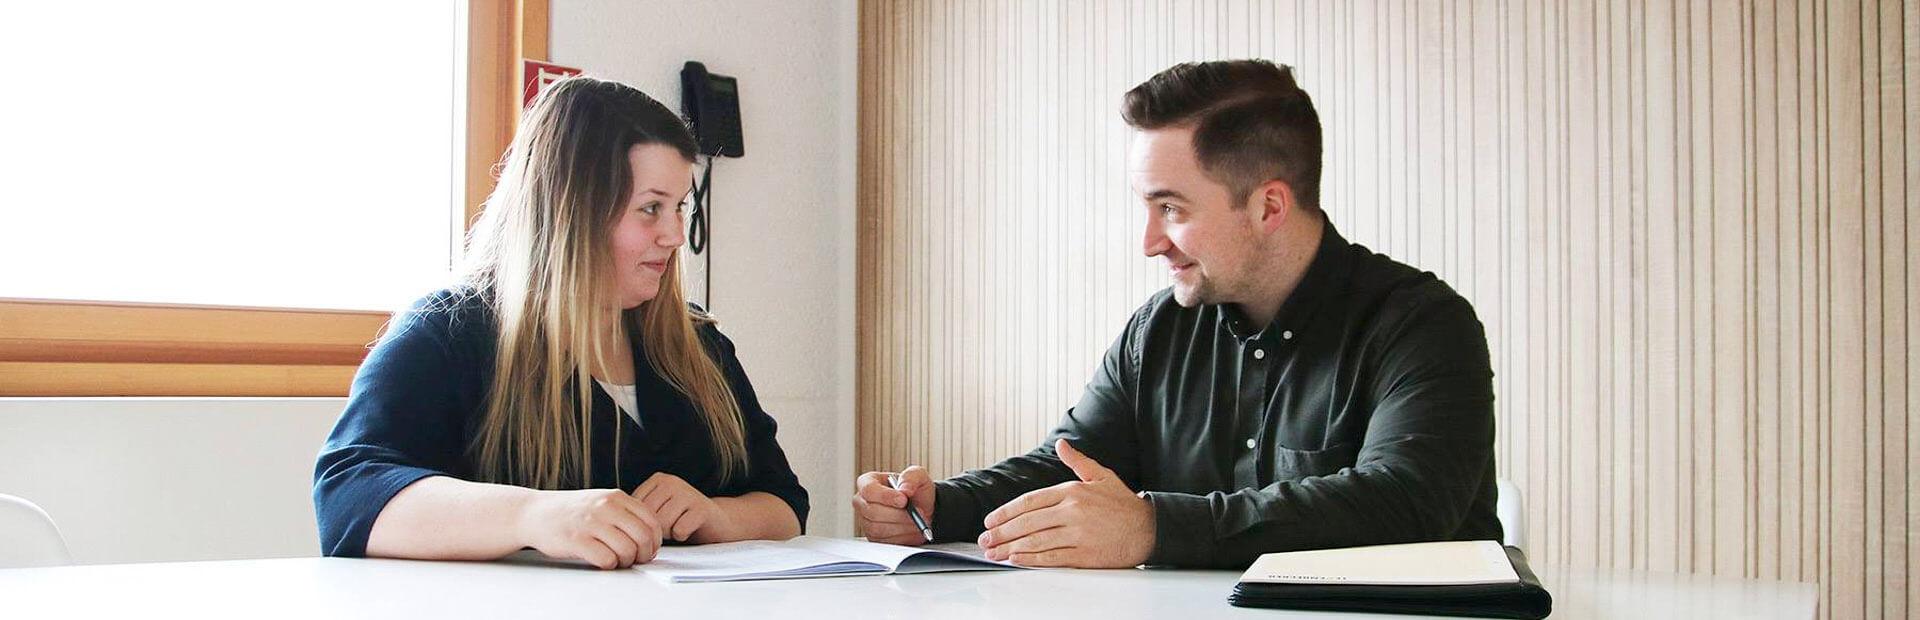 Ausbilder im Gespräch - Ausbildung bei Leyendecker